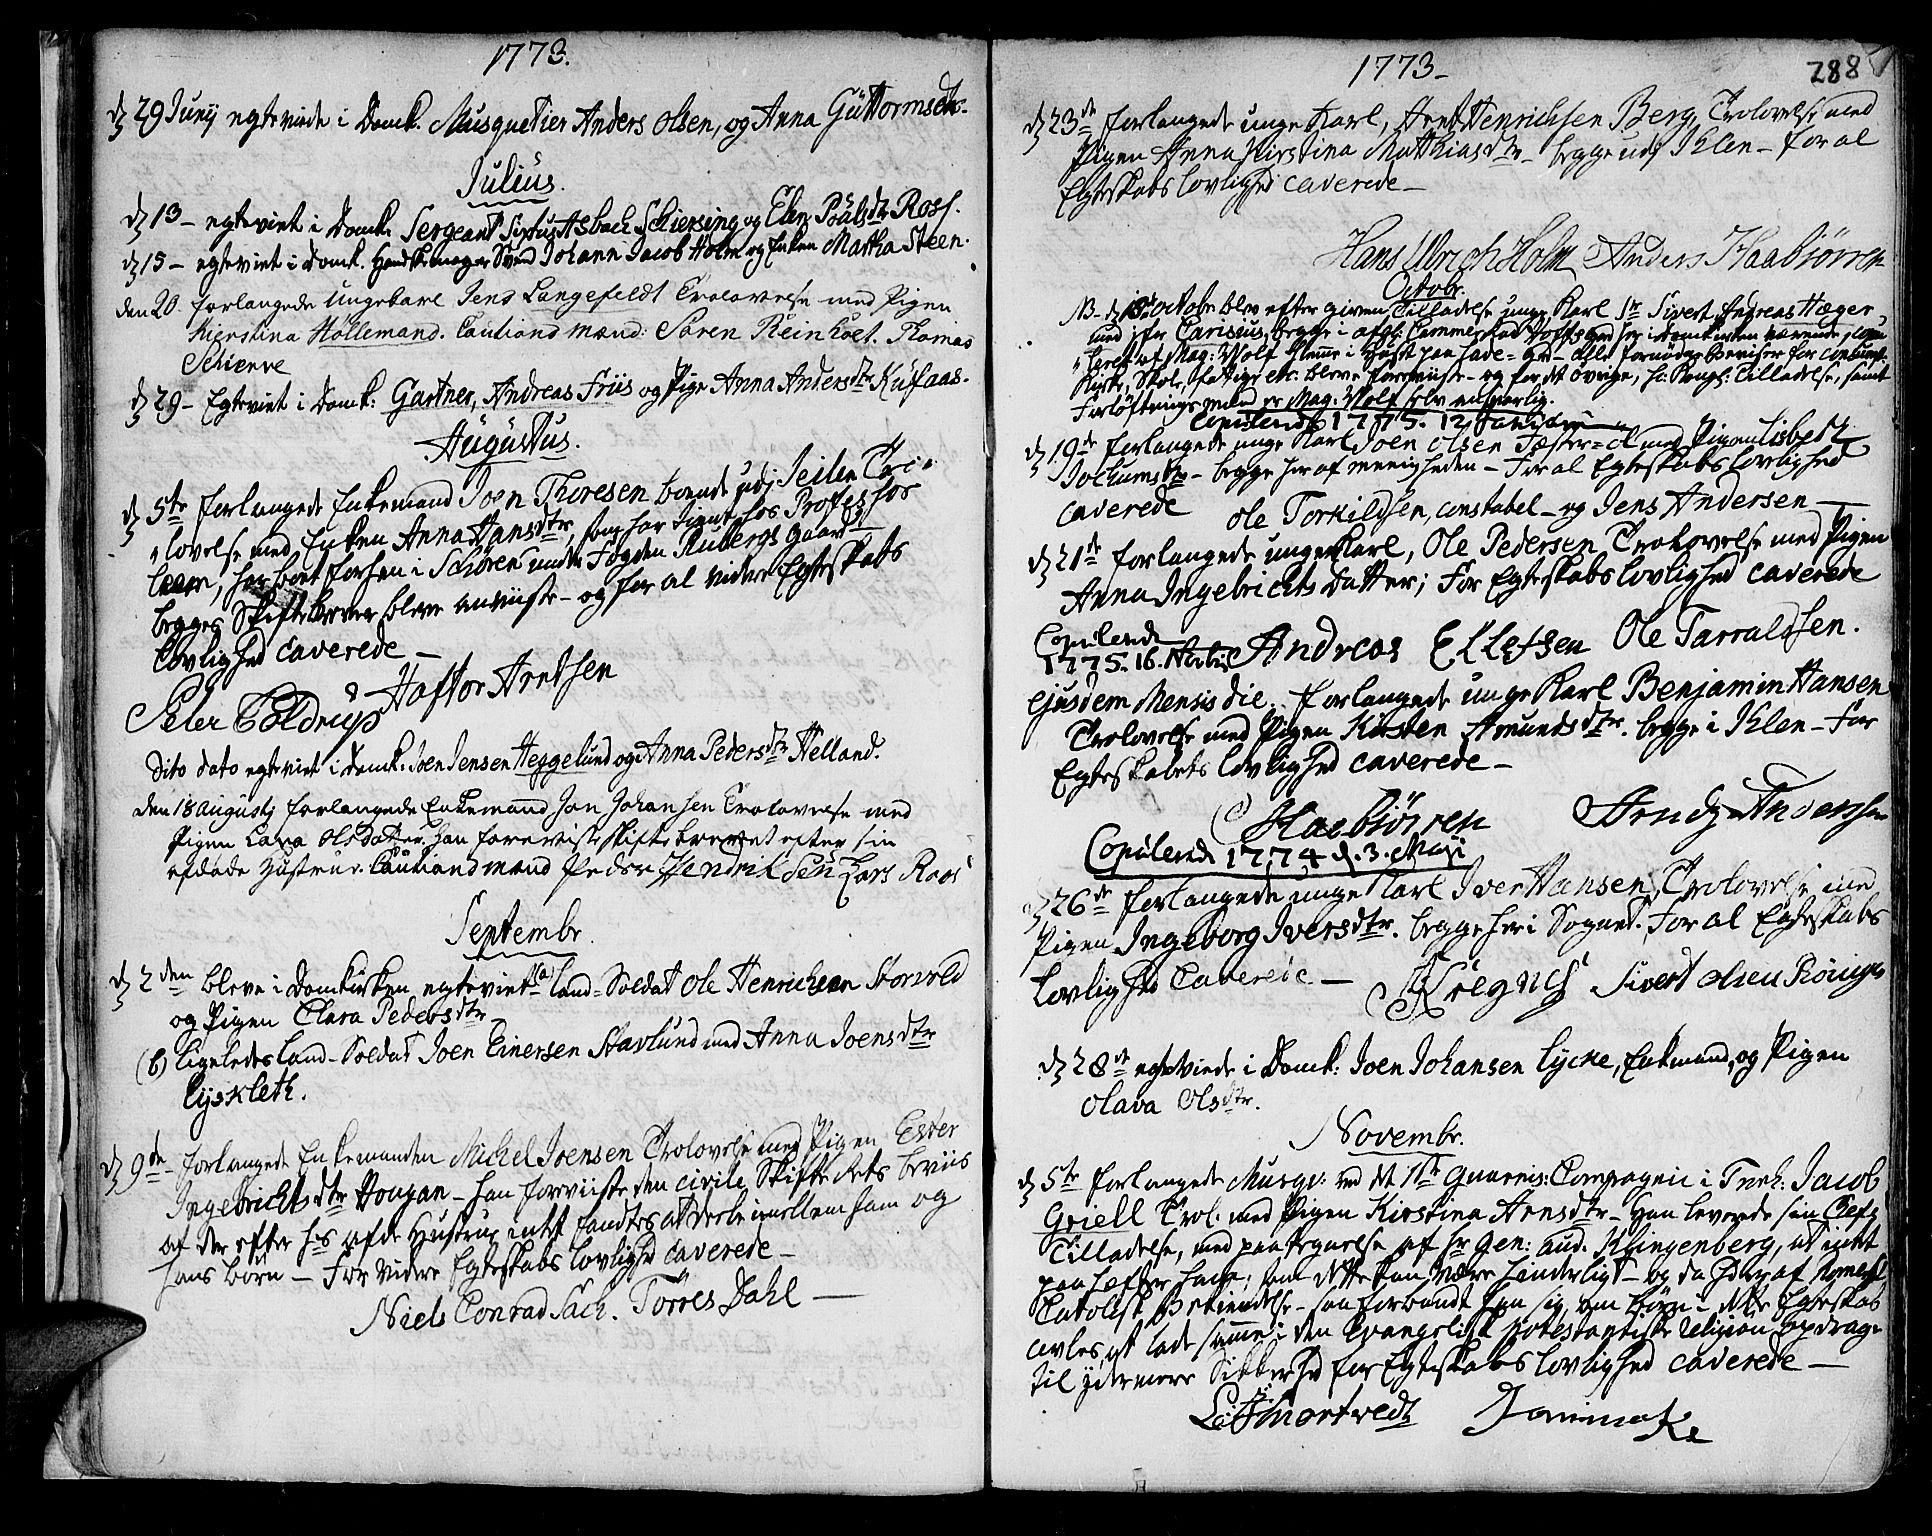 SAT, Ministerialprotokoller, klokkerbøker og fødselsregistre - Sør-Trøndelag, 601/L0038: Ministerialbok nr. 601A06, 1766-1877, s. 288